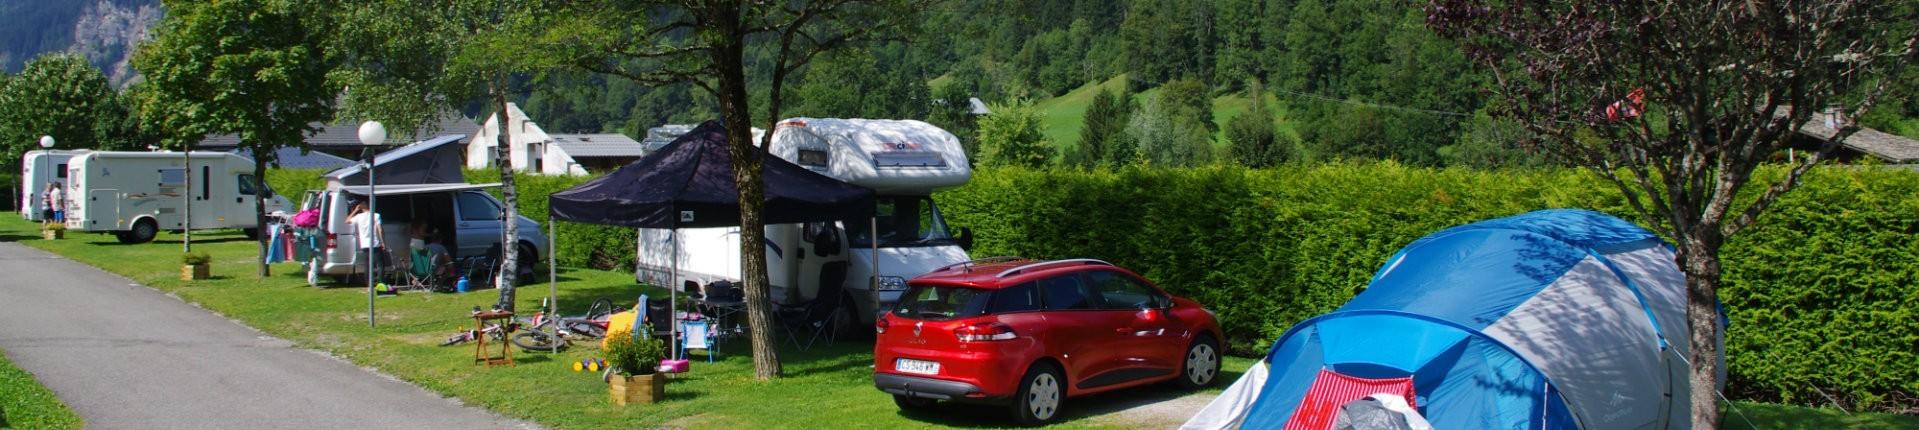 1920x1440-photo-plan-camping-34-43